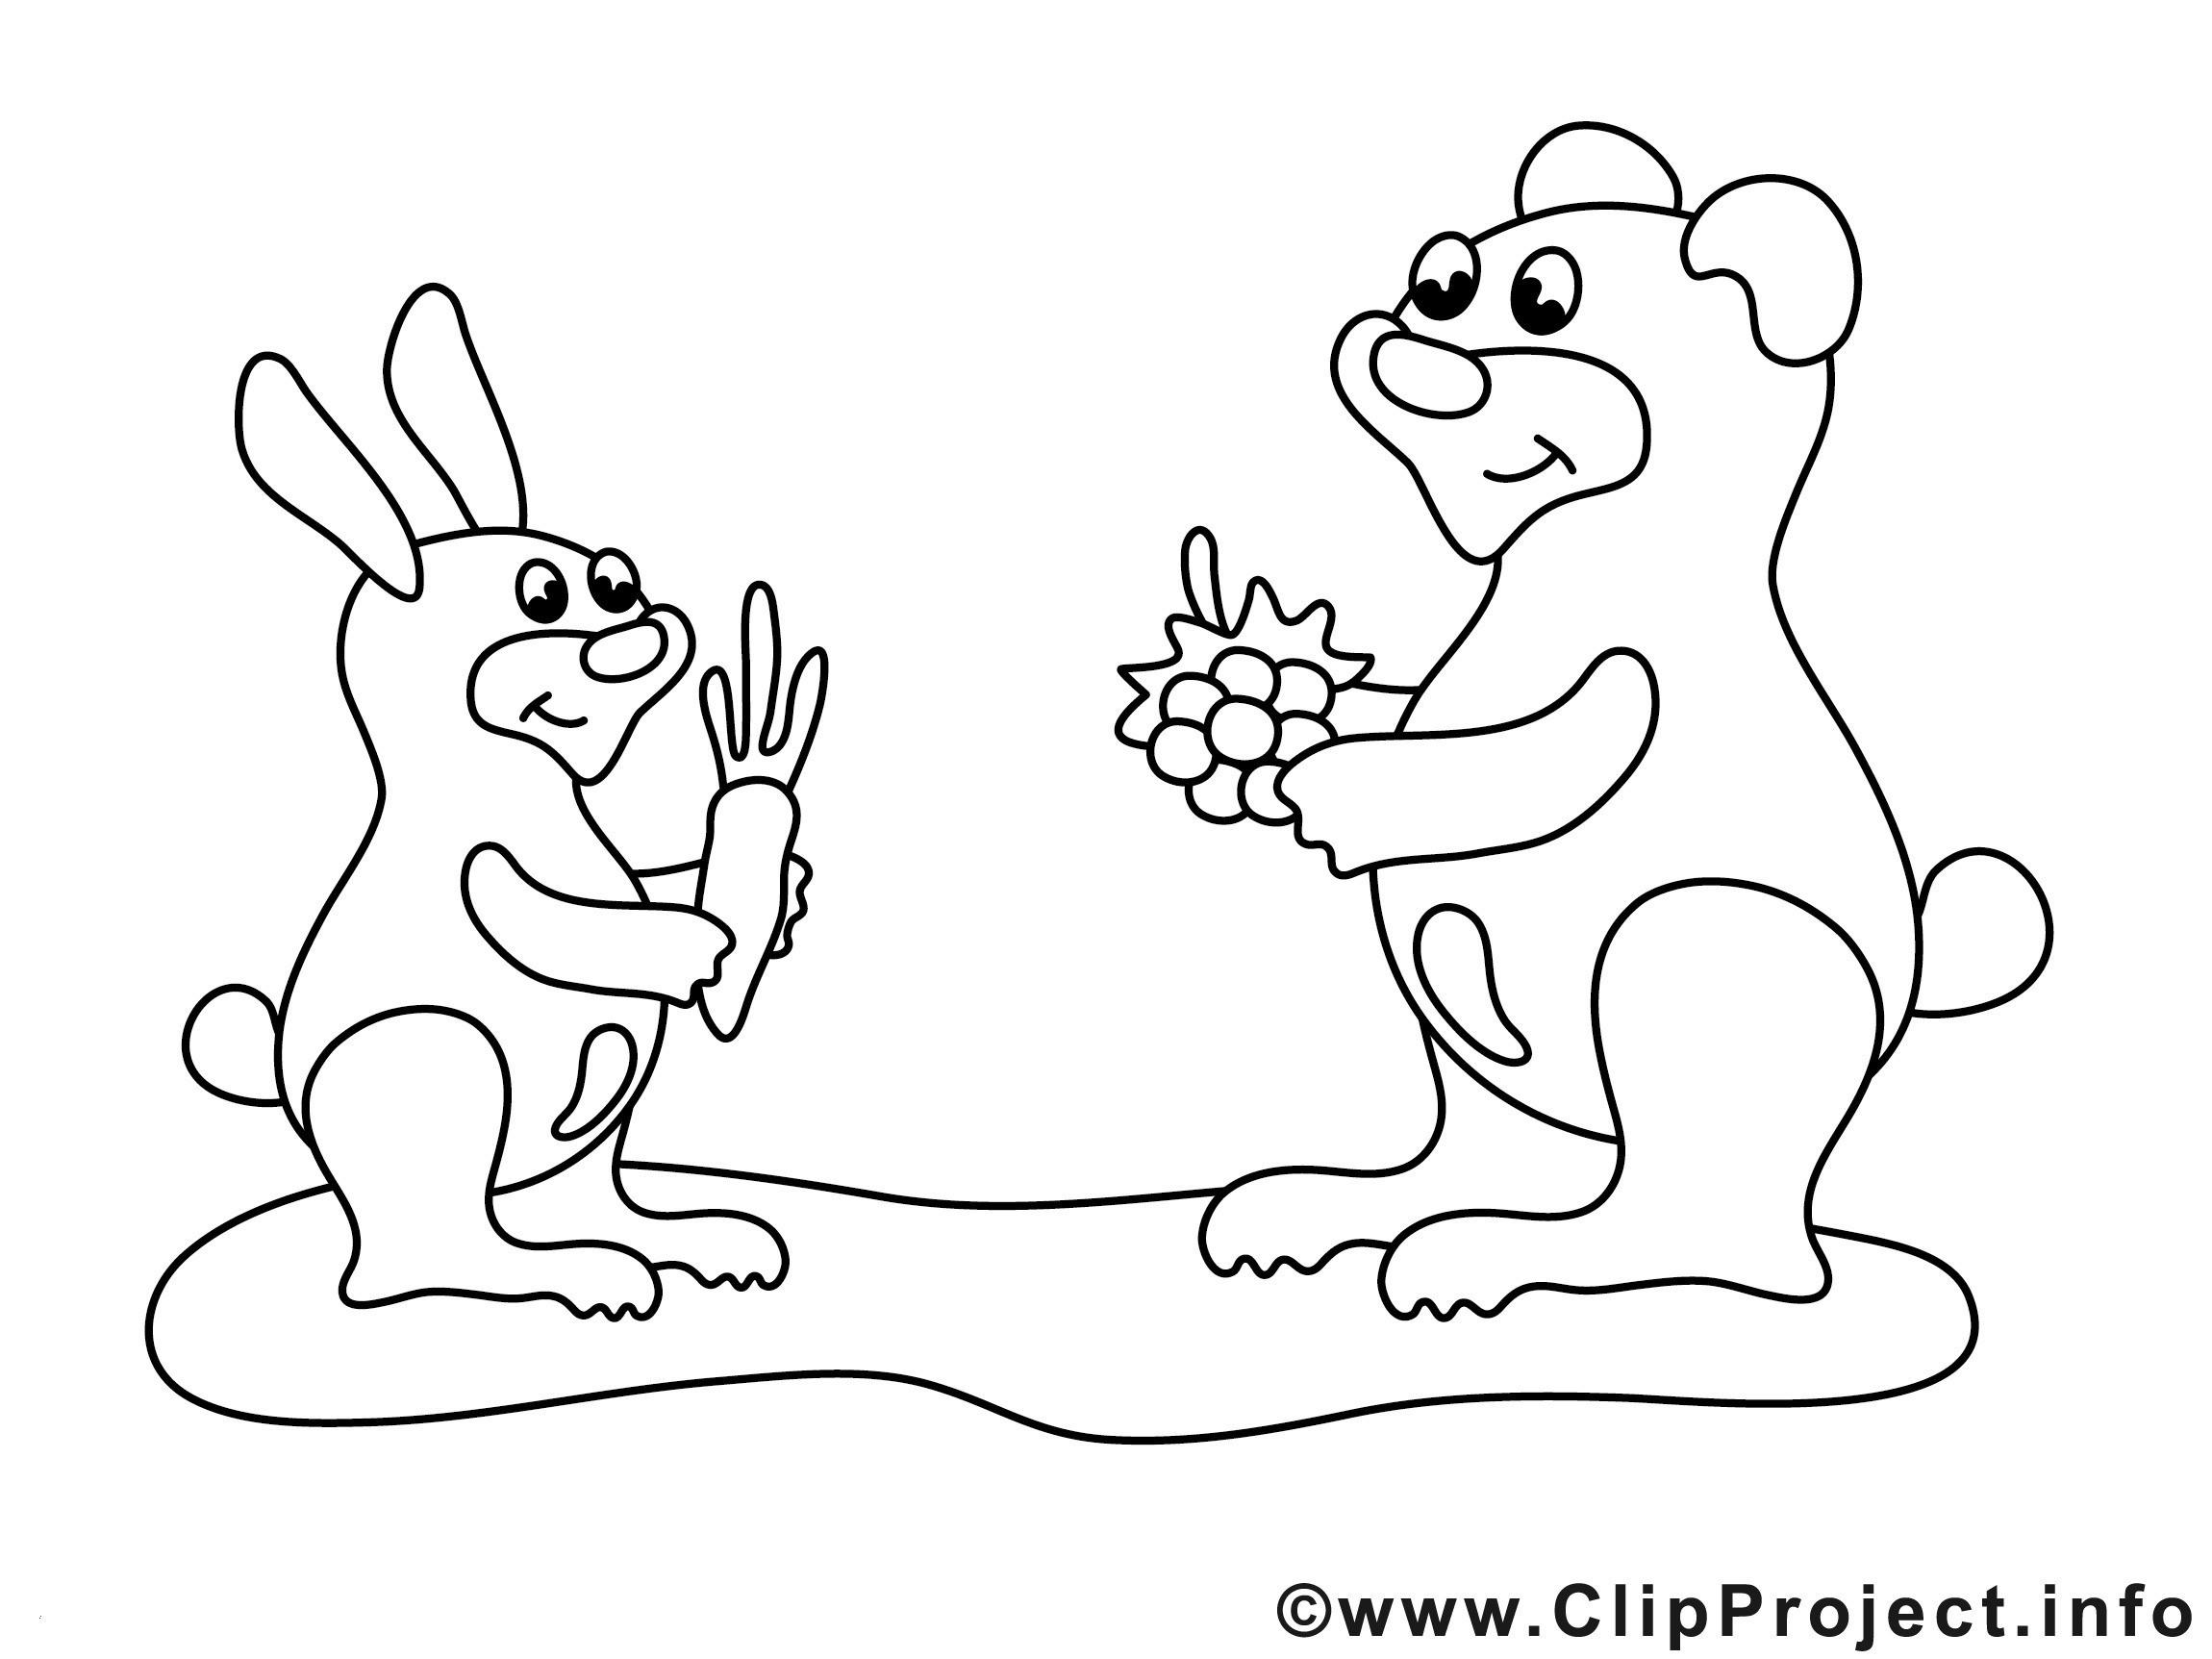 Winnie Pooh Malvorlage Neu Winnie Pooh Malvorlagen Buchstaben Schön Konabeun Zum Ausdrucken Fotografieren